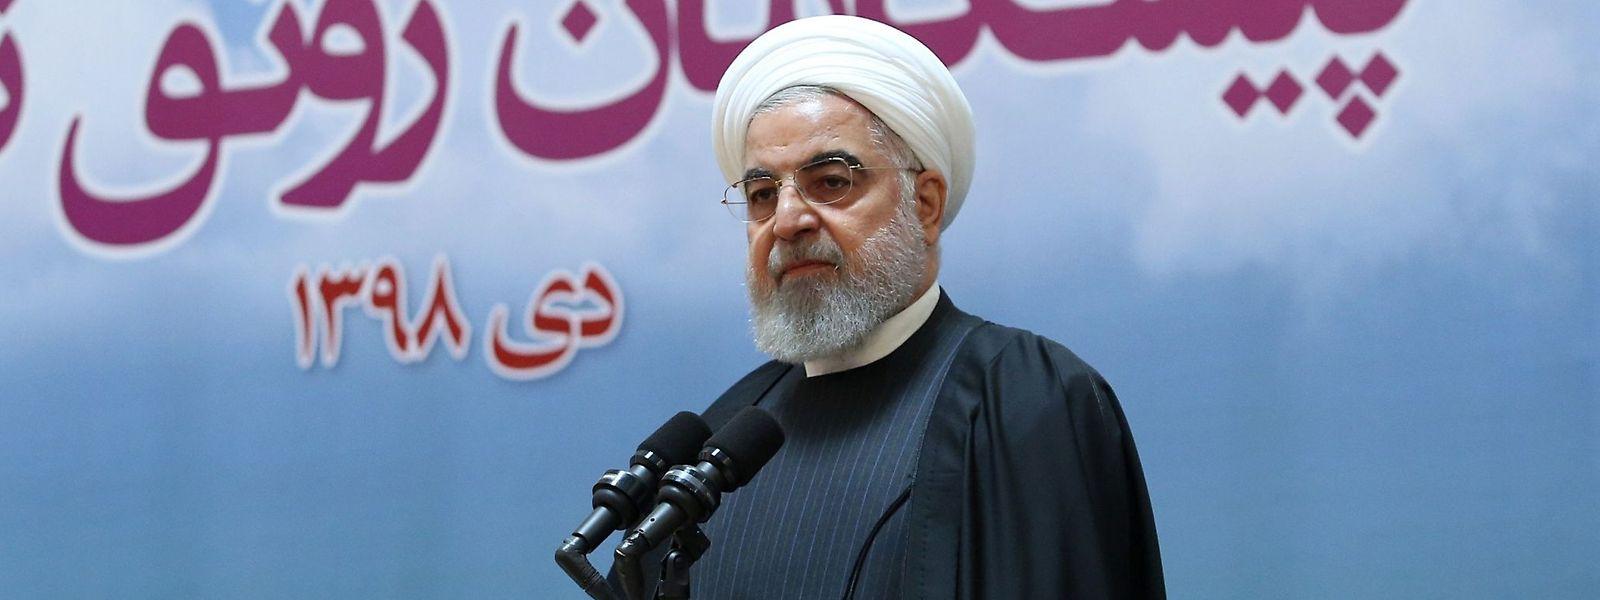 """Hassan Ruhani: """"Wir müssen dafür sorgen, dass so eine Tragödie in unserem Land nie wieder passiert."""""""